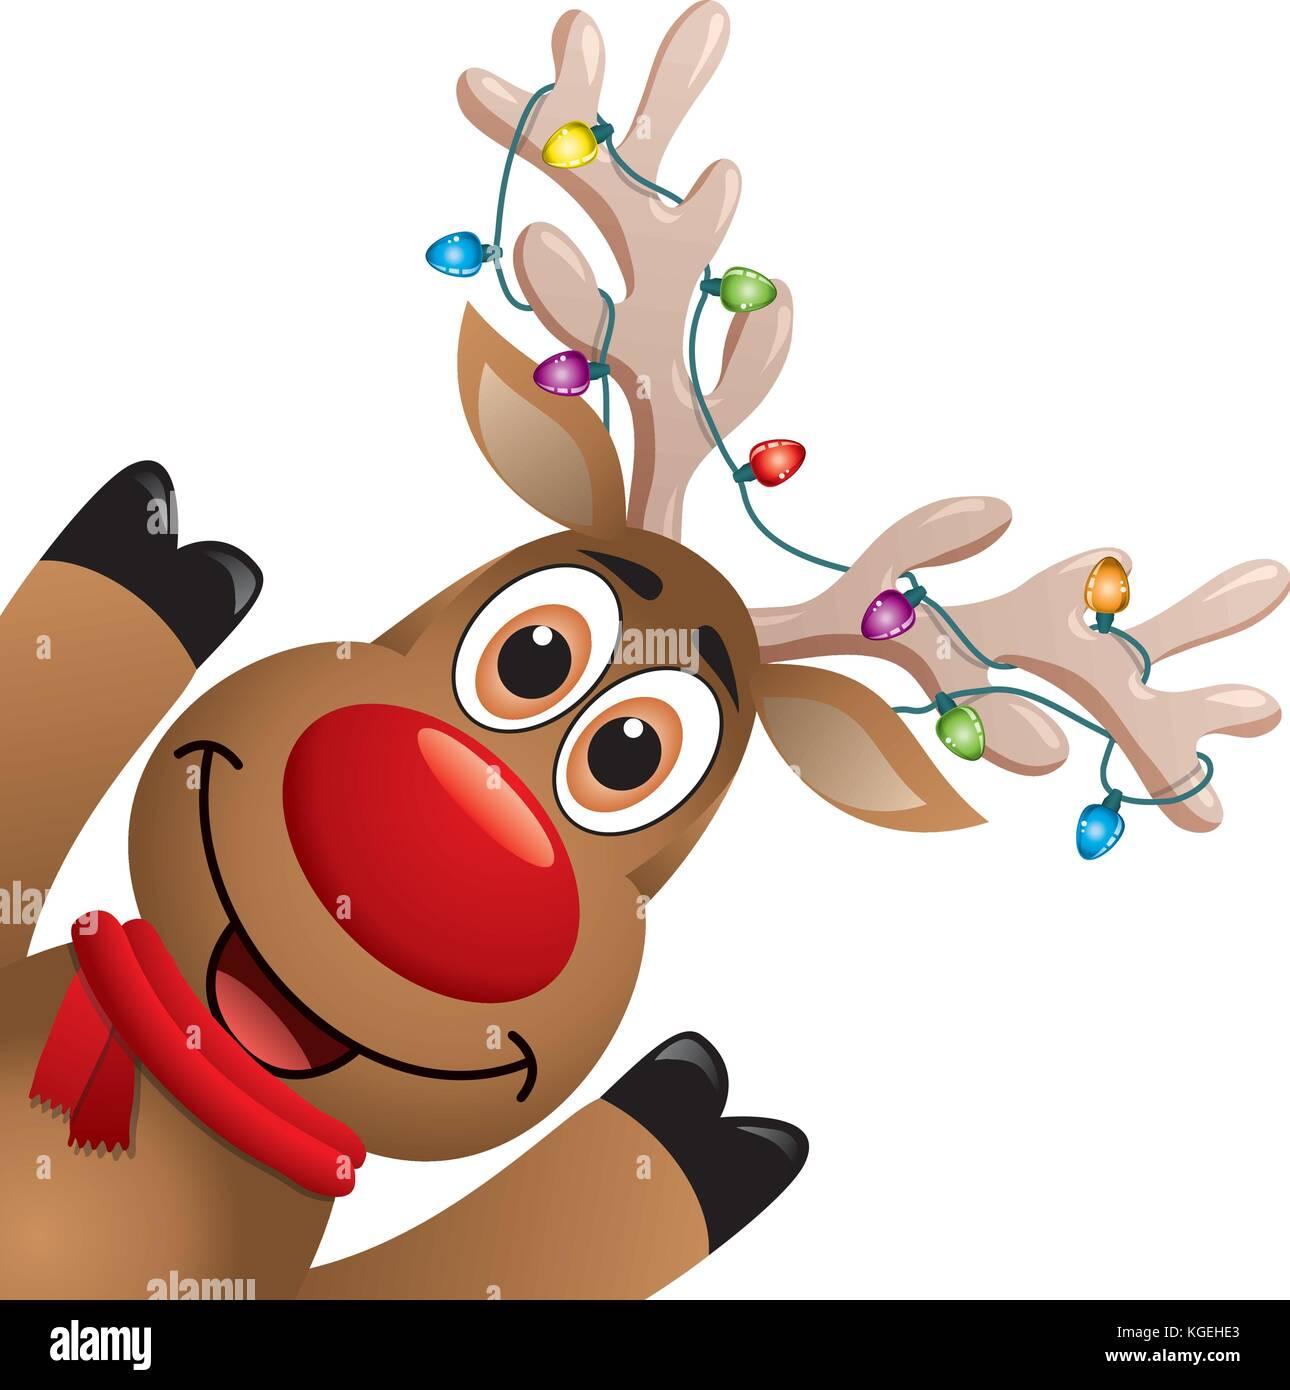 Disegni Di Natale Vettoriali.Vettore Di Disegno Di Natale Di Divertenti Dal Naso Rosso Renna